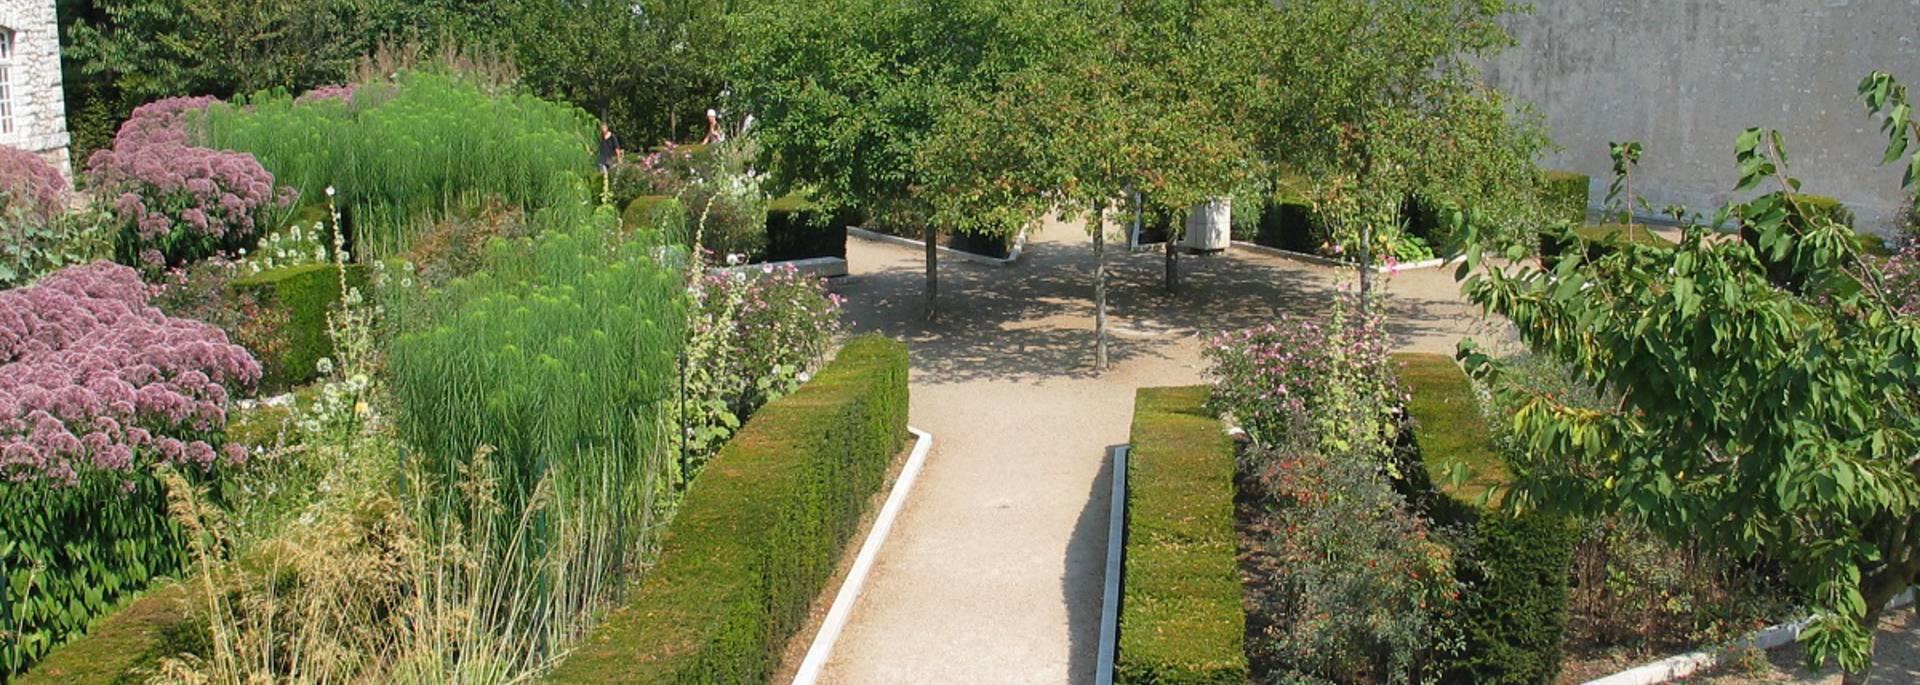 Jardines del Rey en Blois